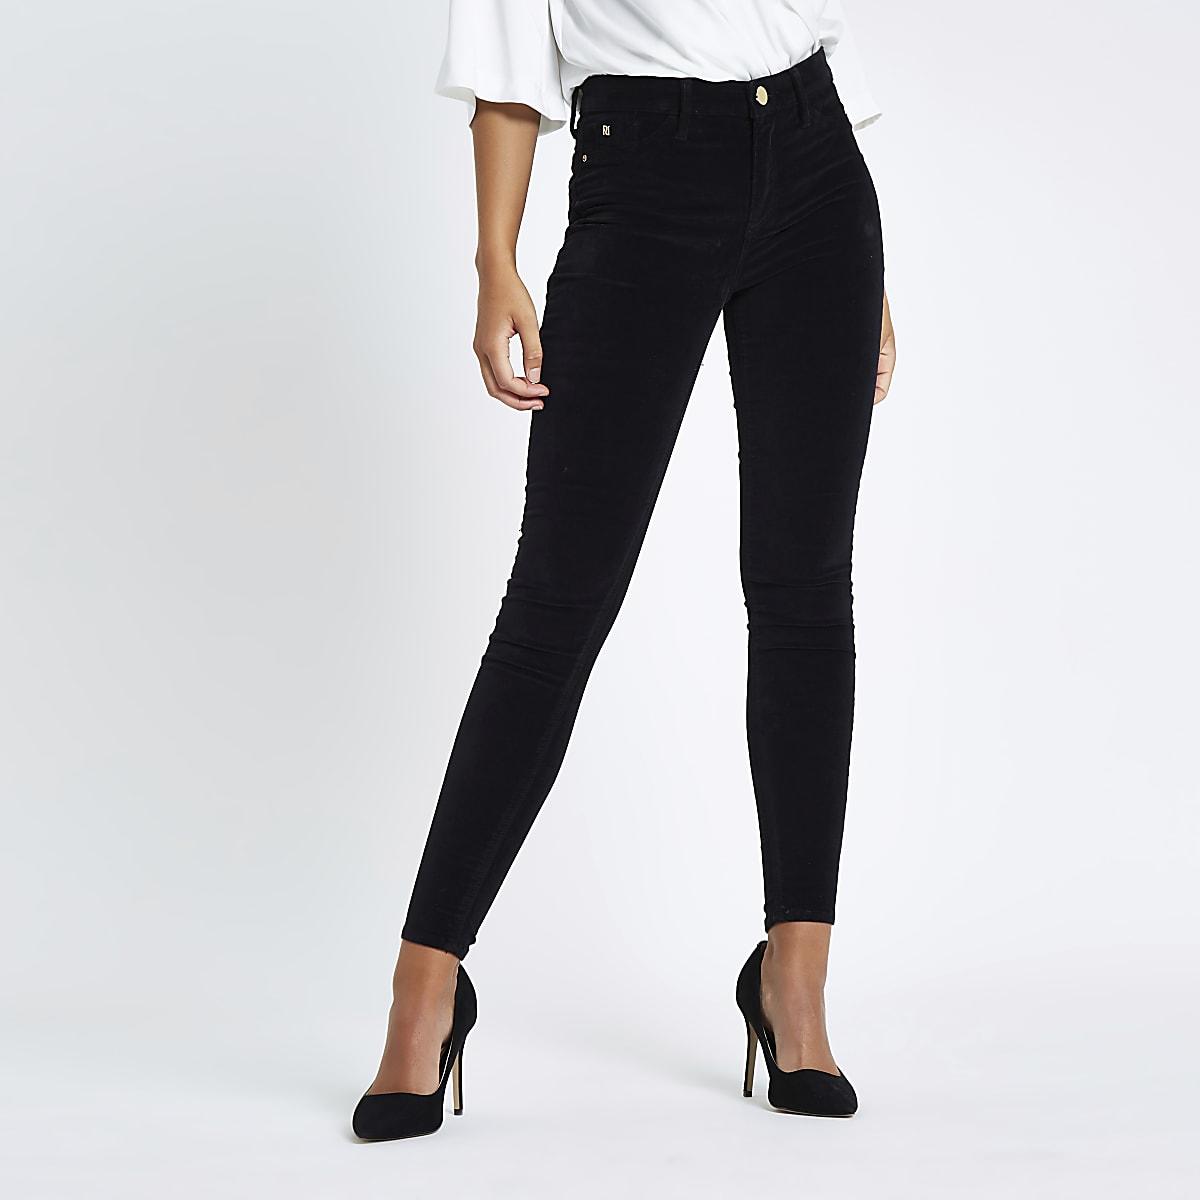 0ae8623dfc31b Black Rl Molly velvet jeggings - Jeggings - Jeans - women